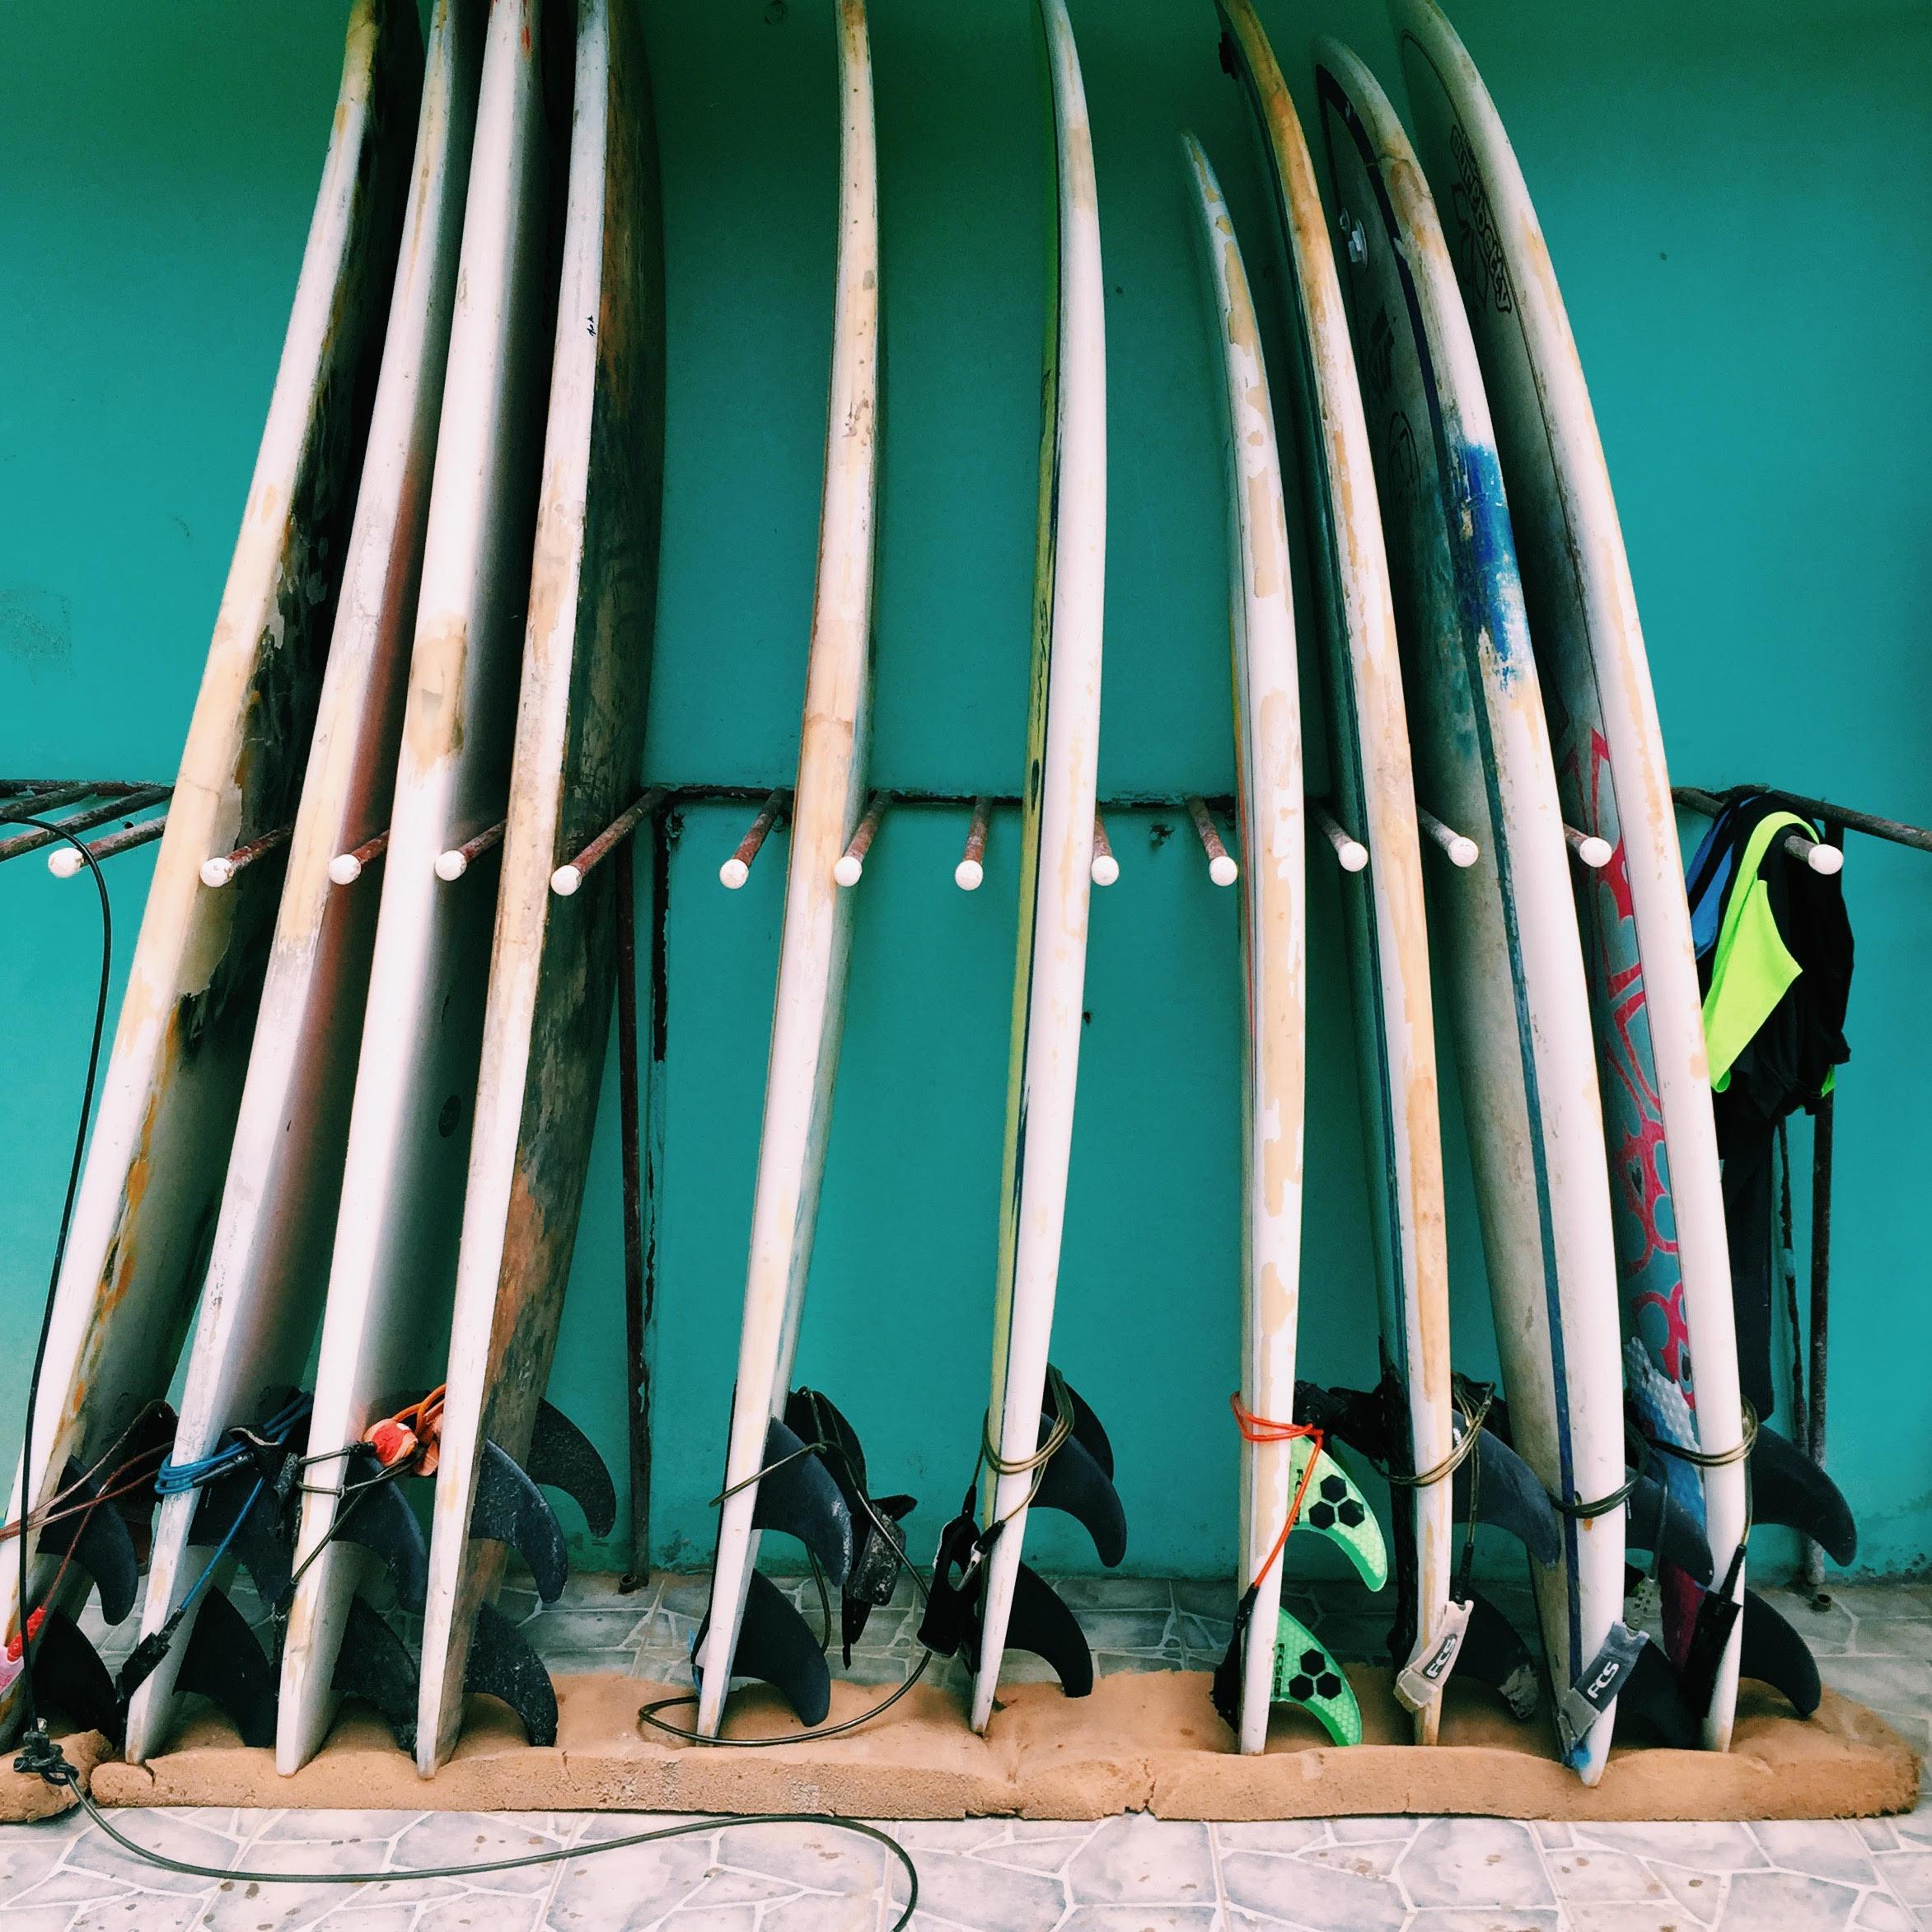 Surf boards at Playa Maderas.